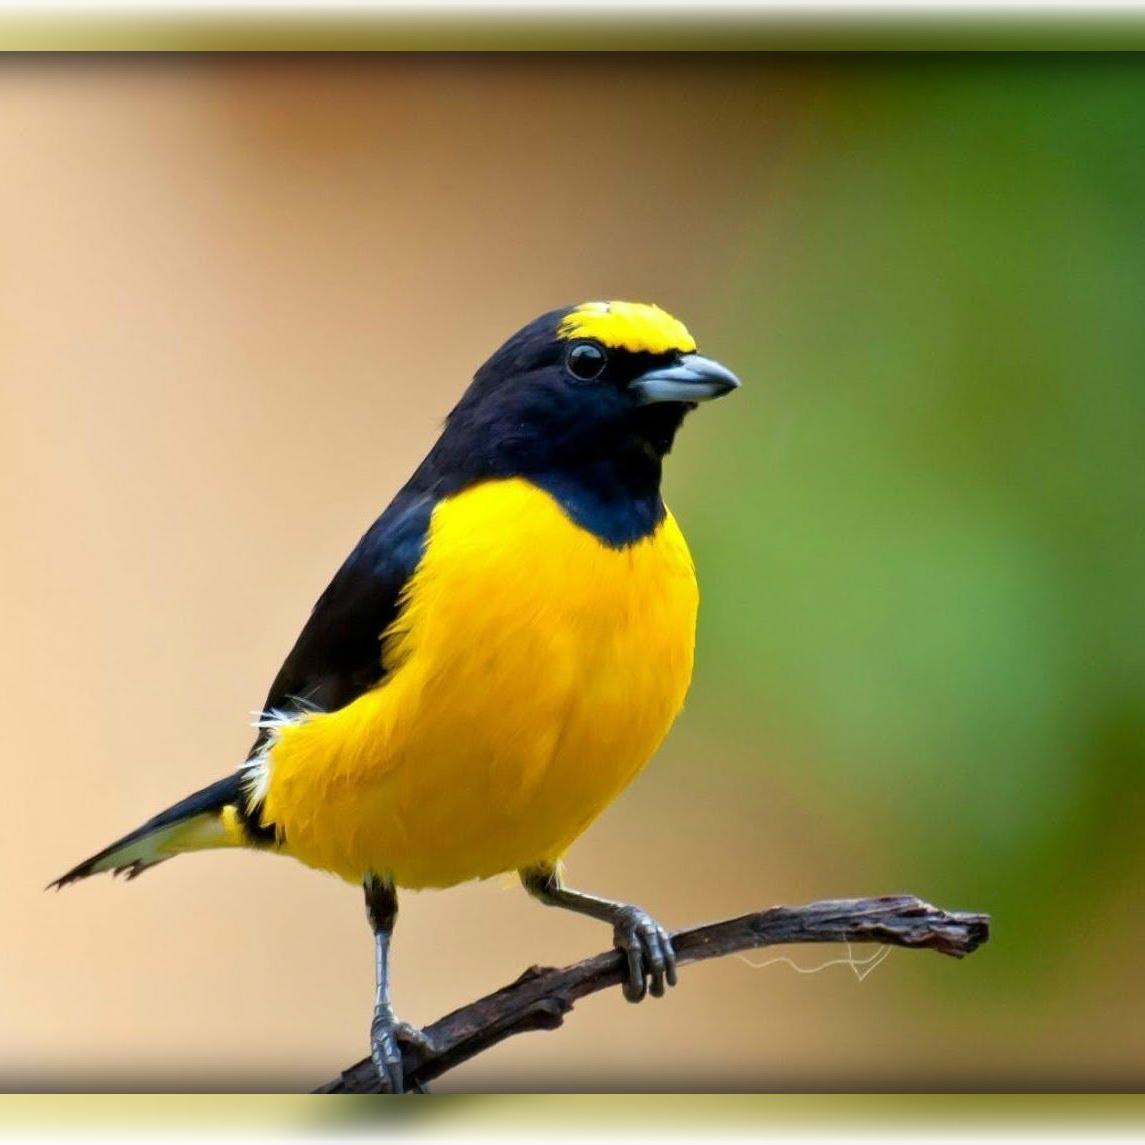 Kicau Burung On Twitter Saya Menambahkan Video Ke Daftar Putar Youtube Http T Co 5s7ssaqola Murai Batu Medan Vs Murai Batu Lampung Ekor Panjang